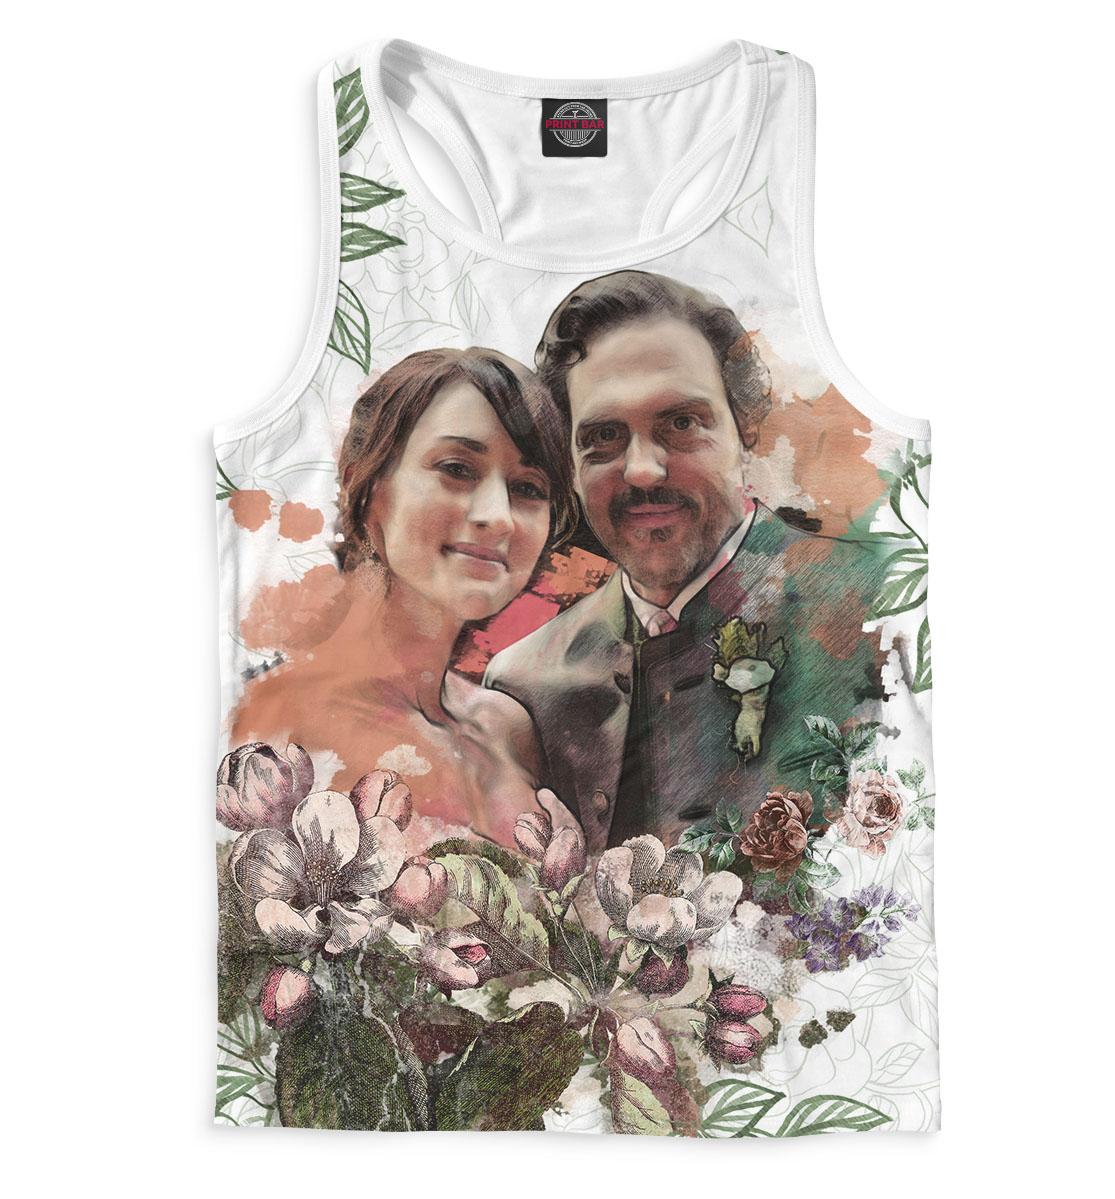 Купить Монро и Розали, Printbar, Майки борцовки, GRM-131258-mayb-2